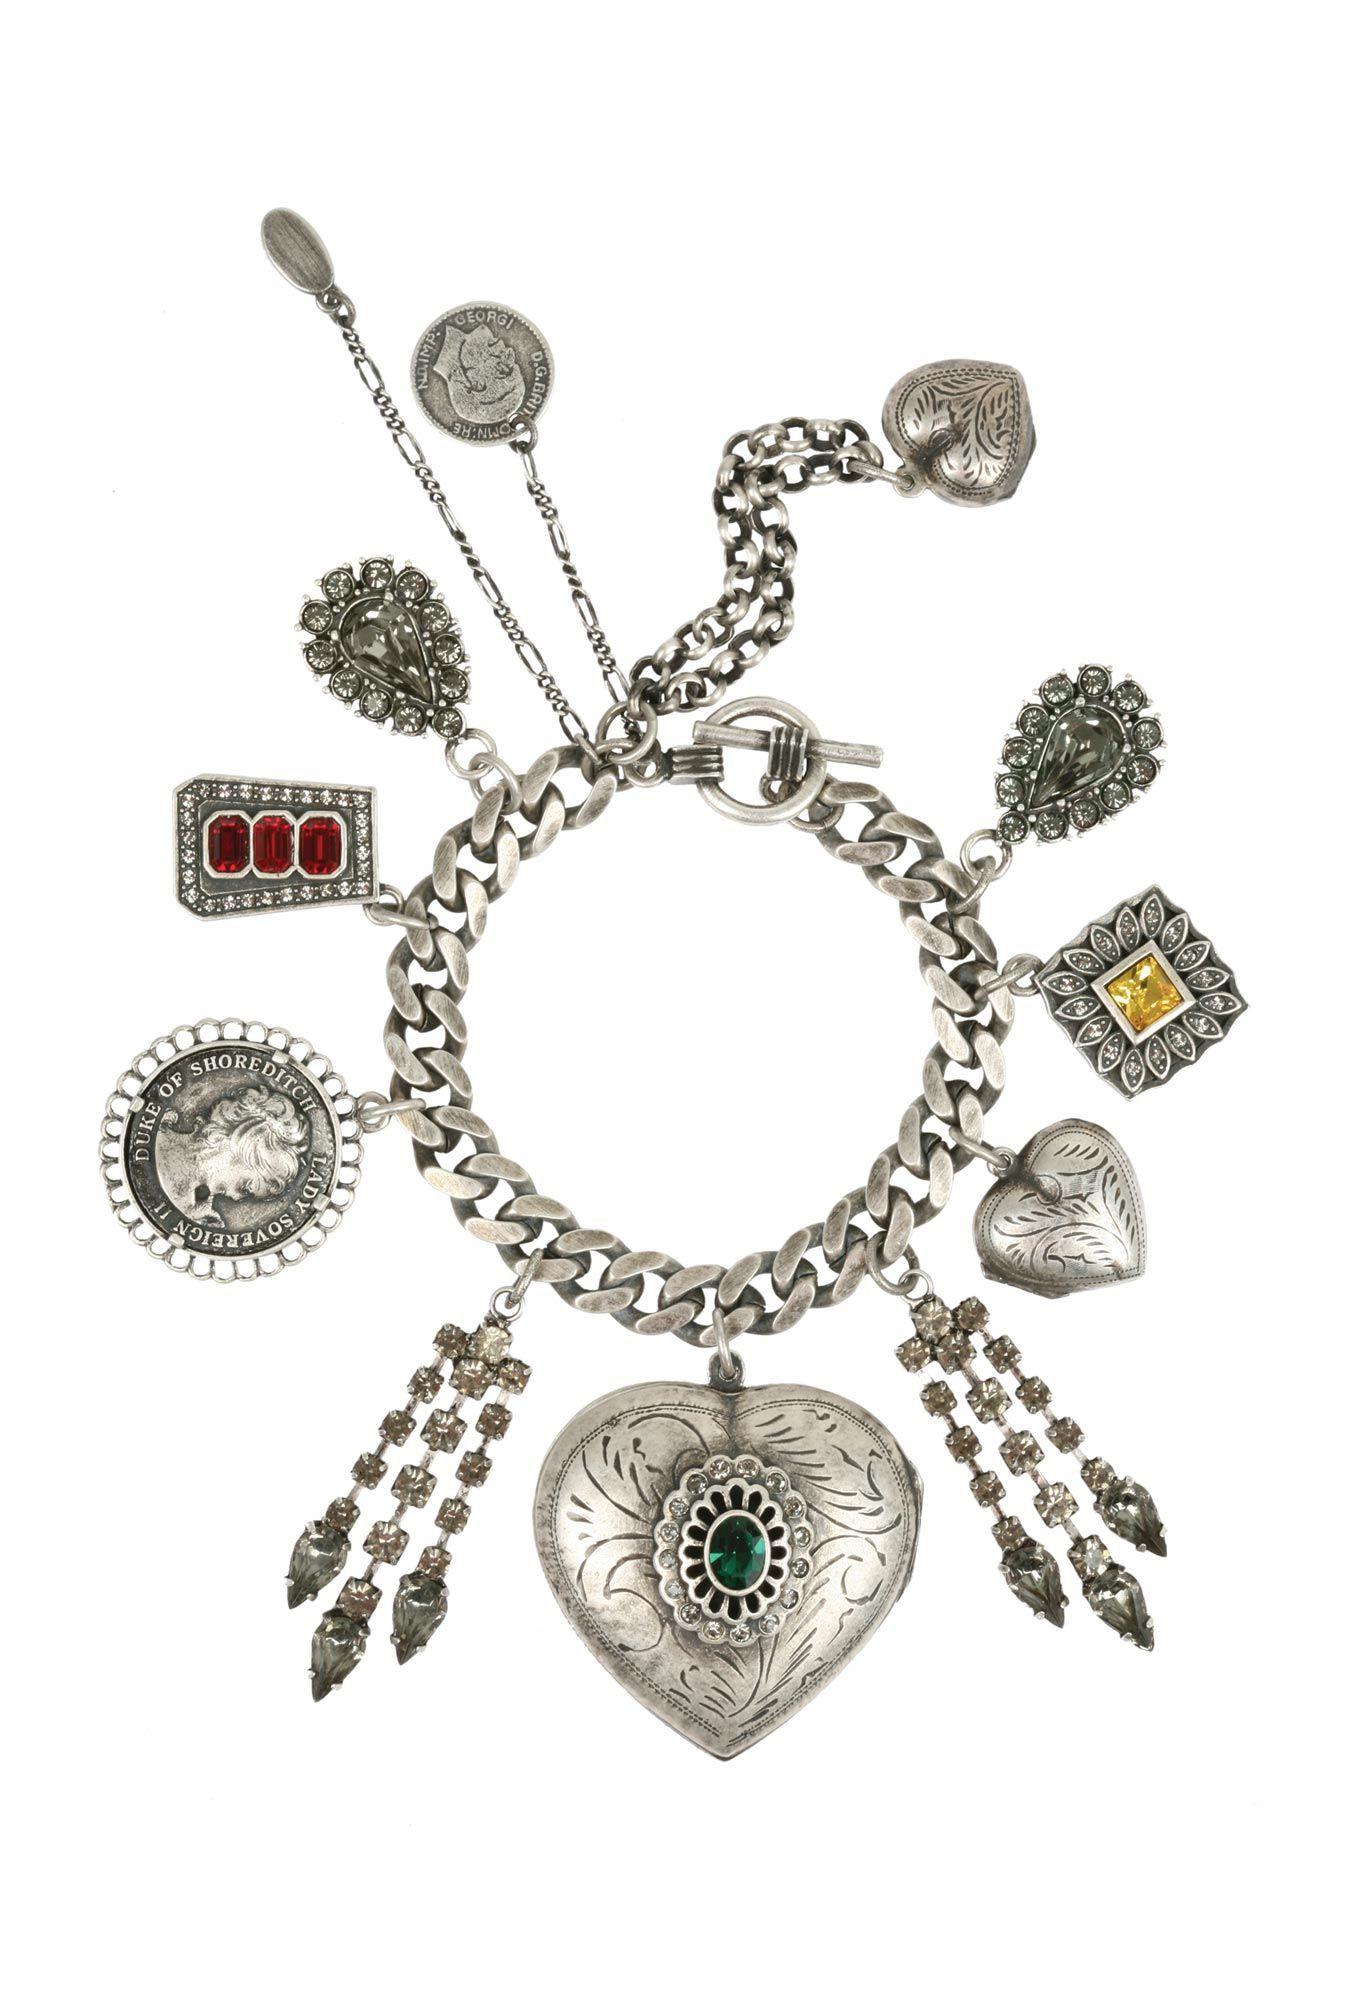 Jeweled Locket Charm Bracelet by Mawi